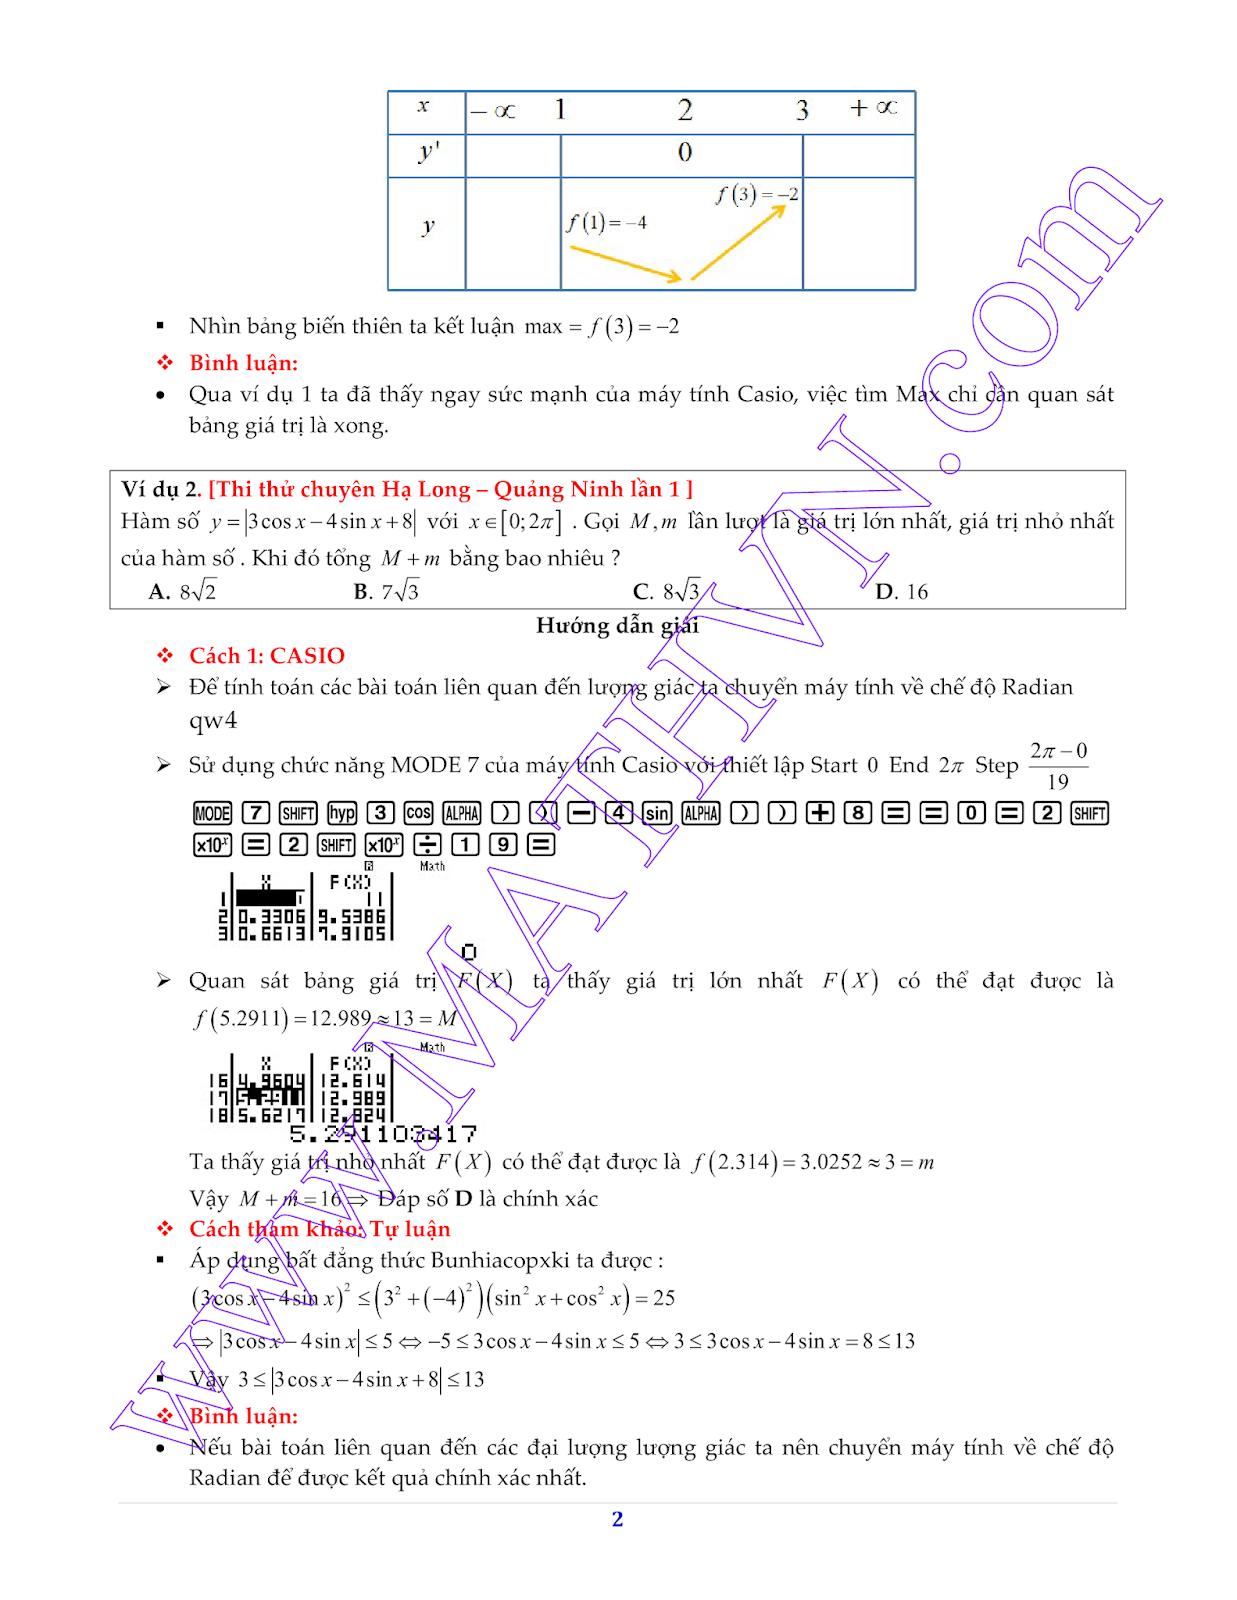 thủ thuật casio để tìm GTNN, GTLN của hàm số